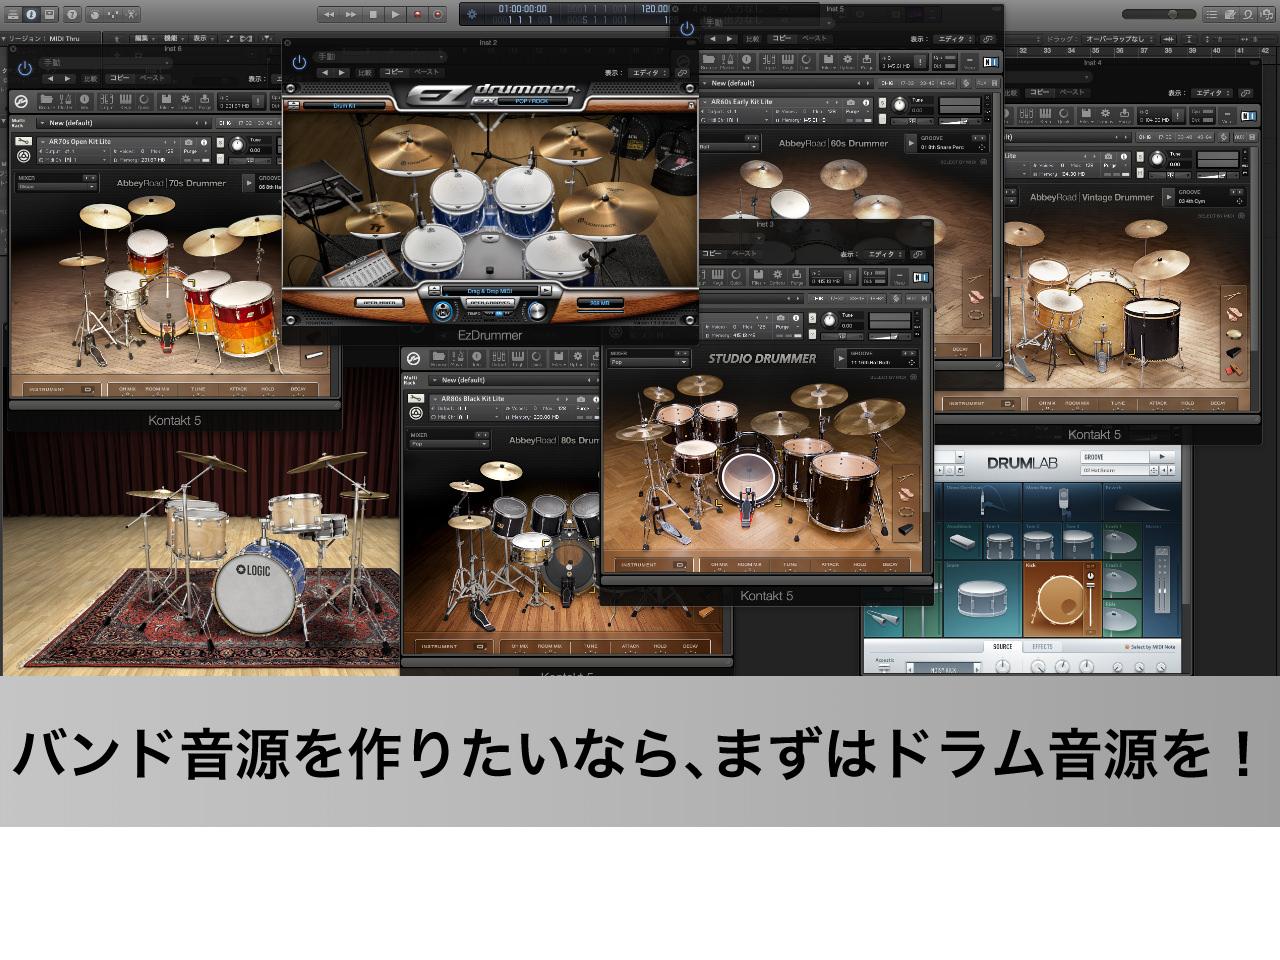 DTMでバンドの曲を作るなら絶対にドラム音源を買ったほうがいい理由